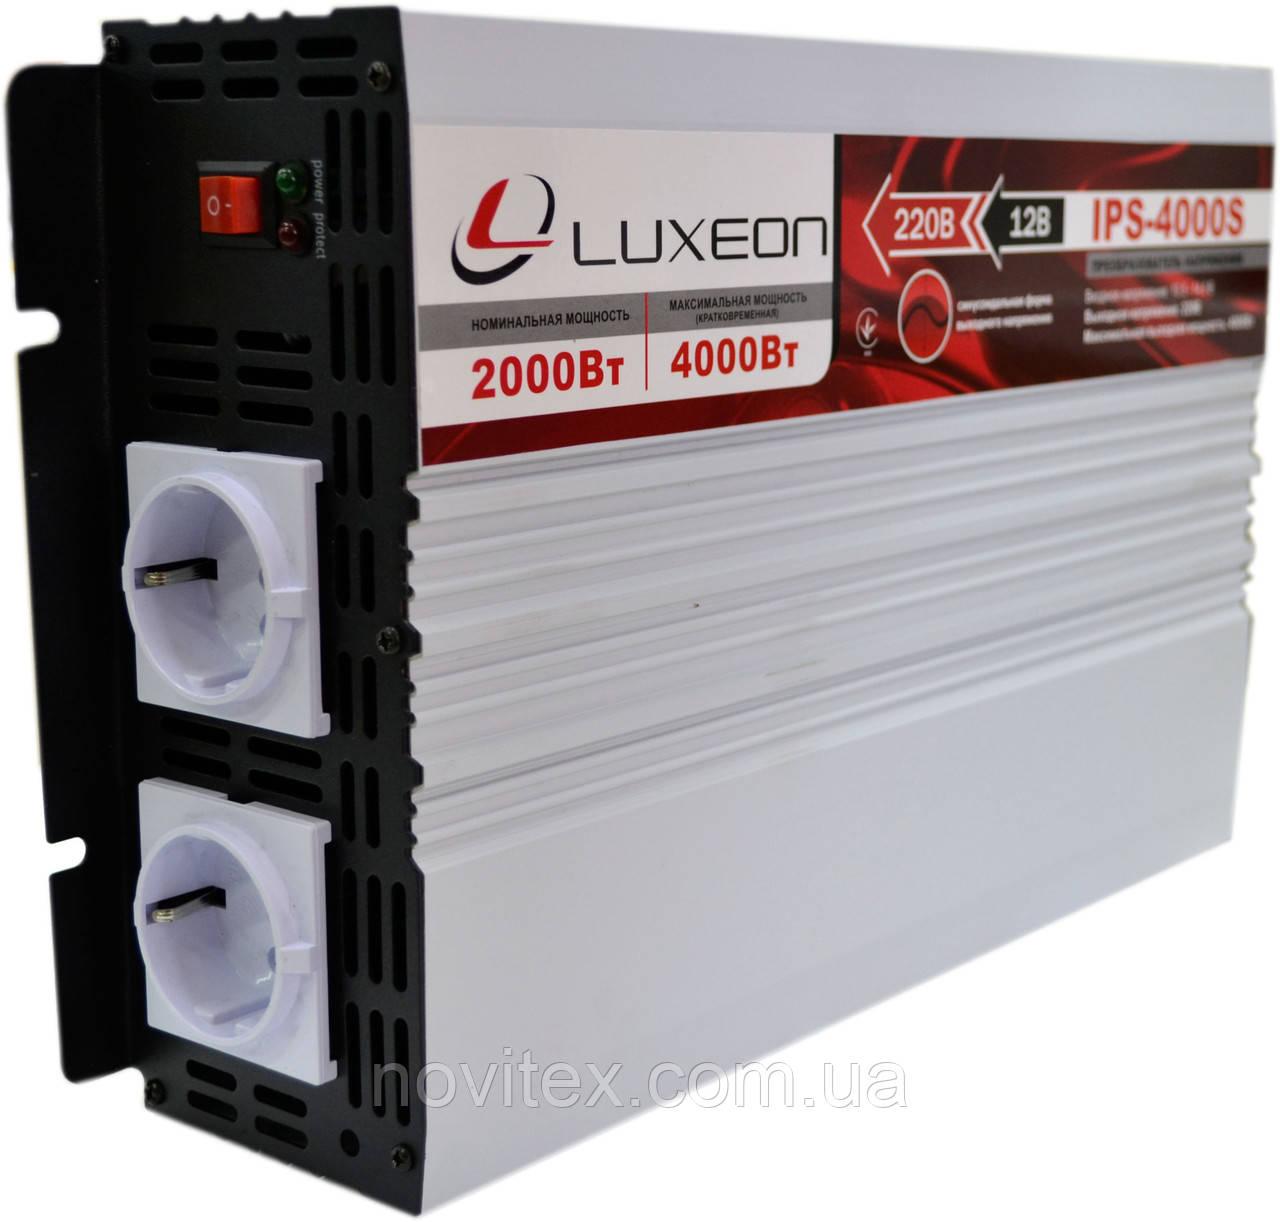 Инвертор Luxeon IPS-4000S (2000Вт), фото 1